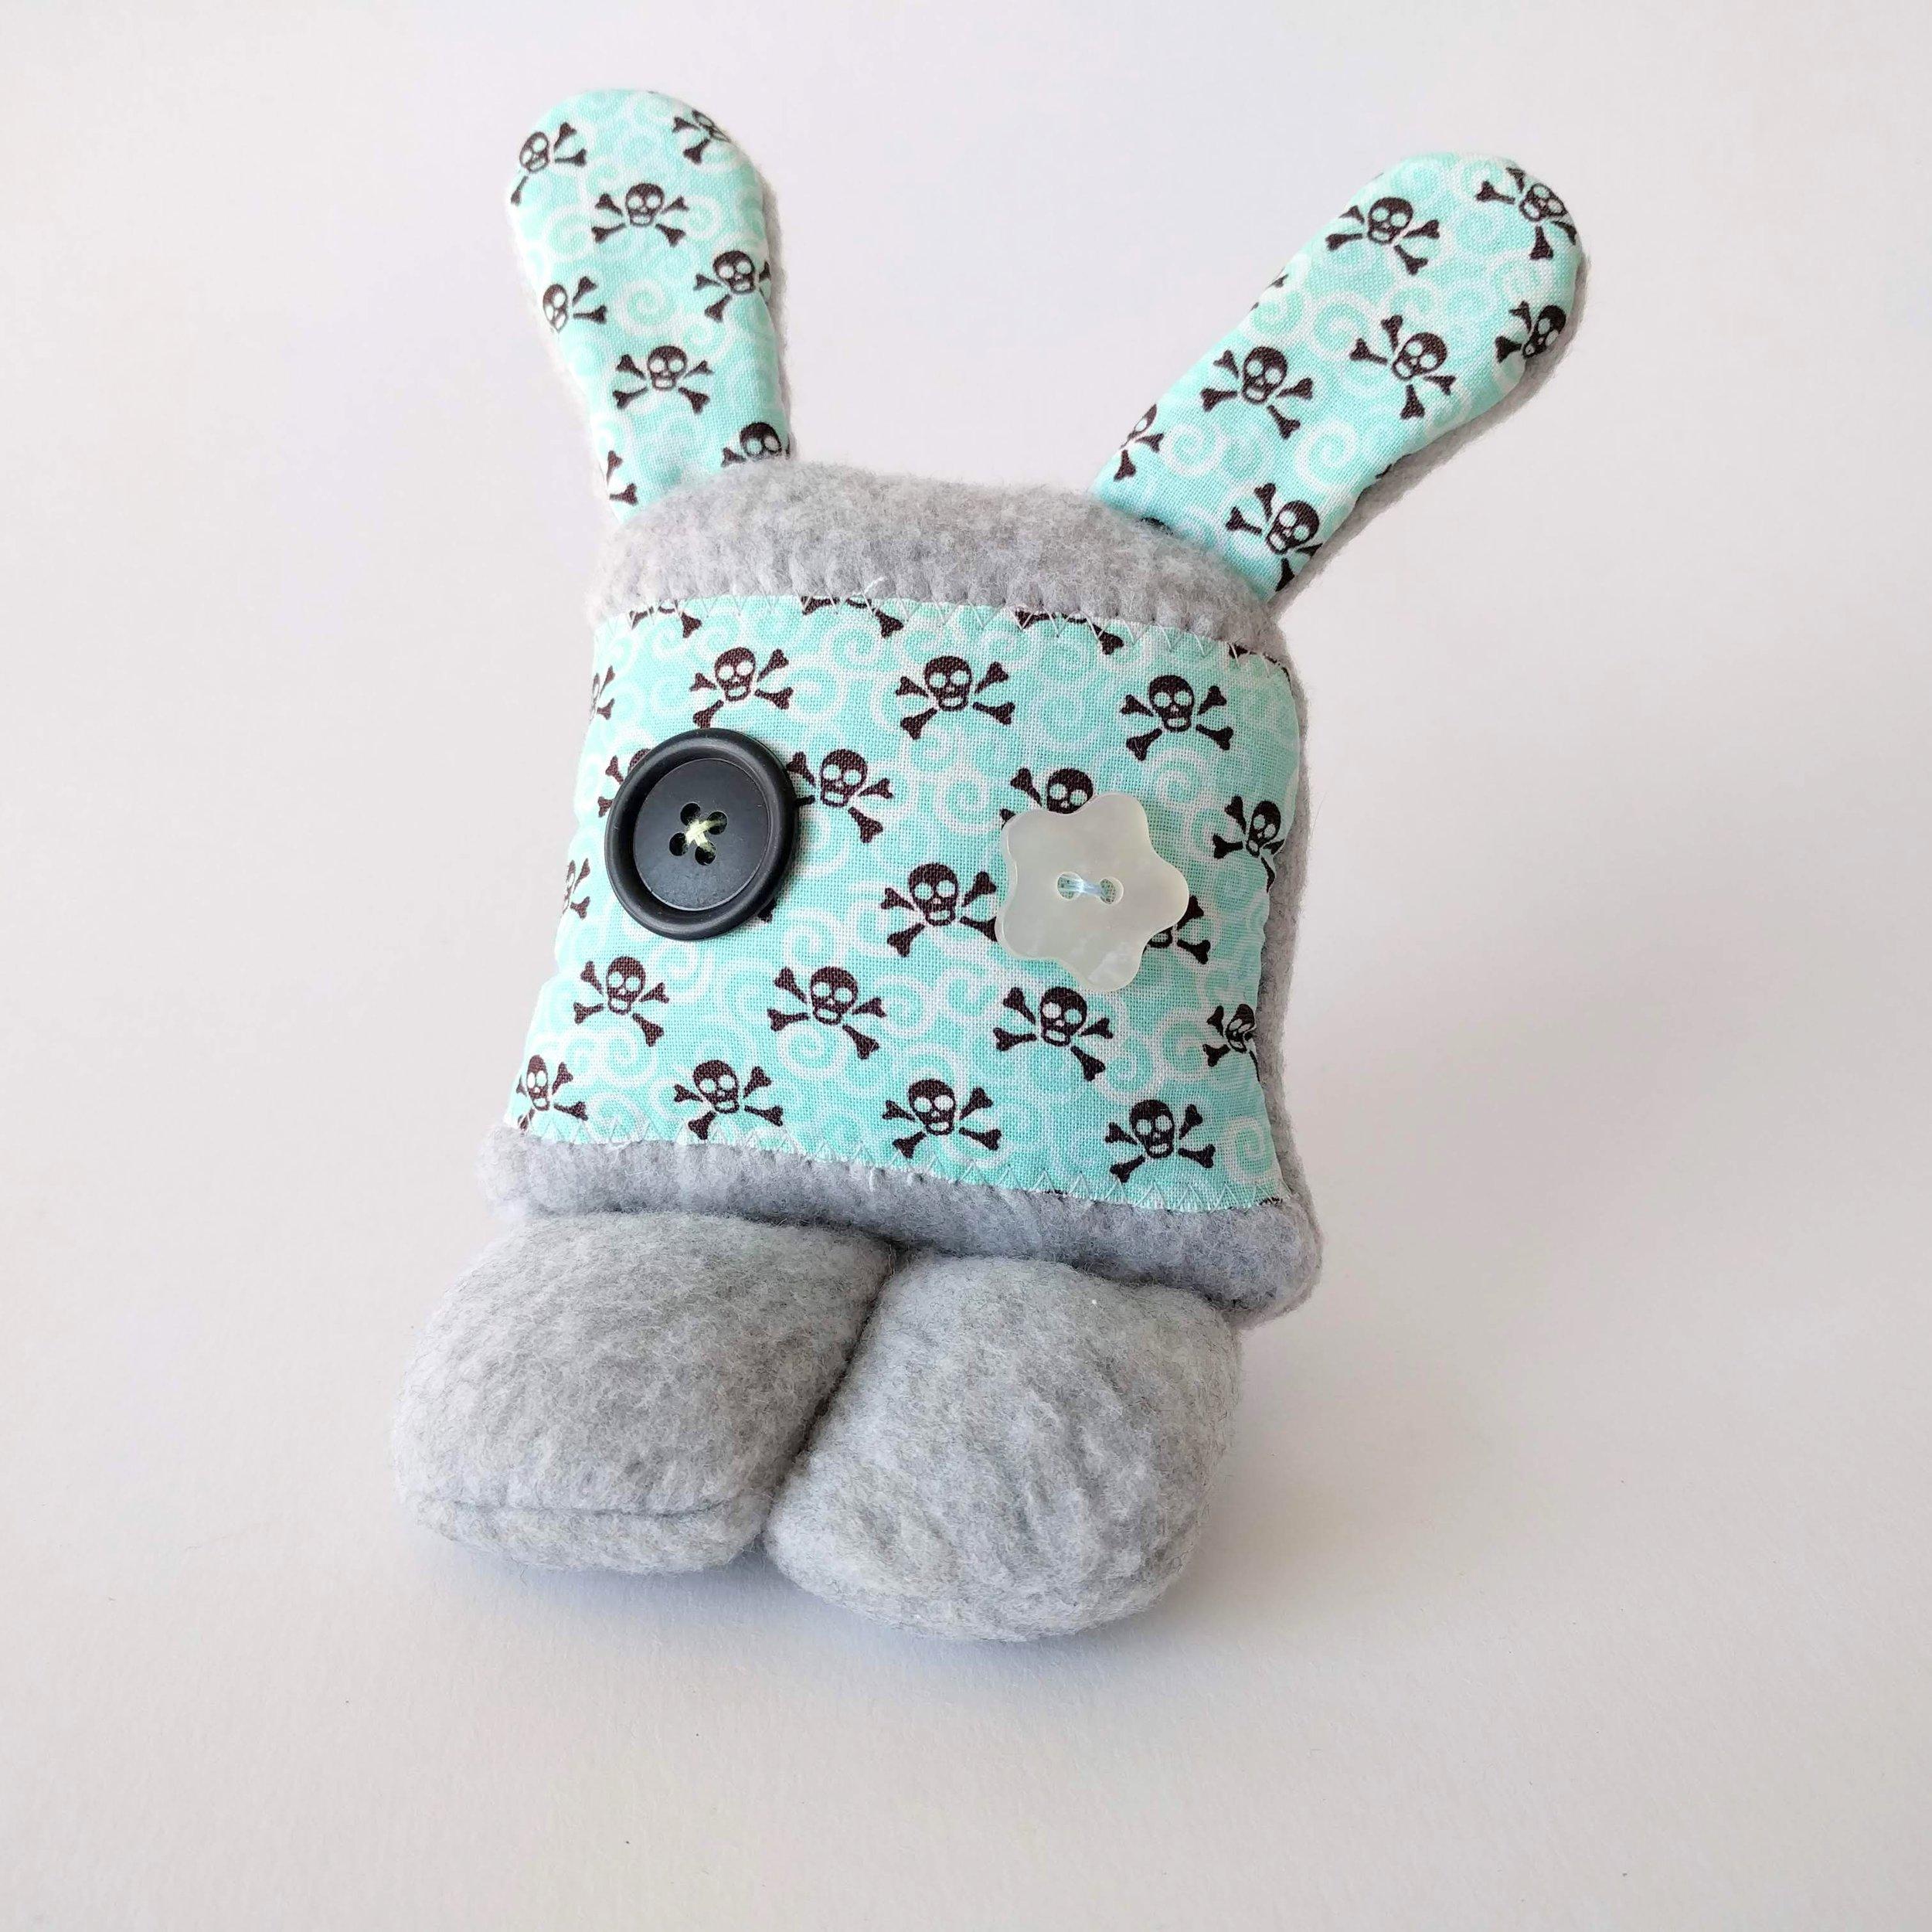 Bini Monster Plush Toy Sewing Pattern